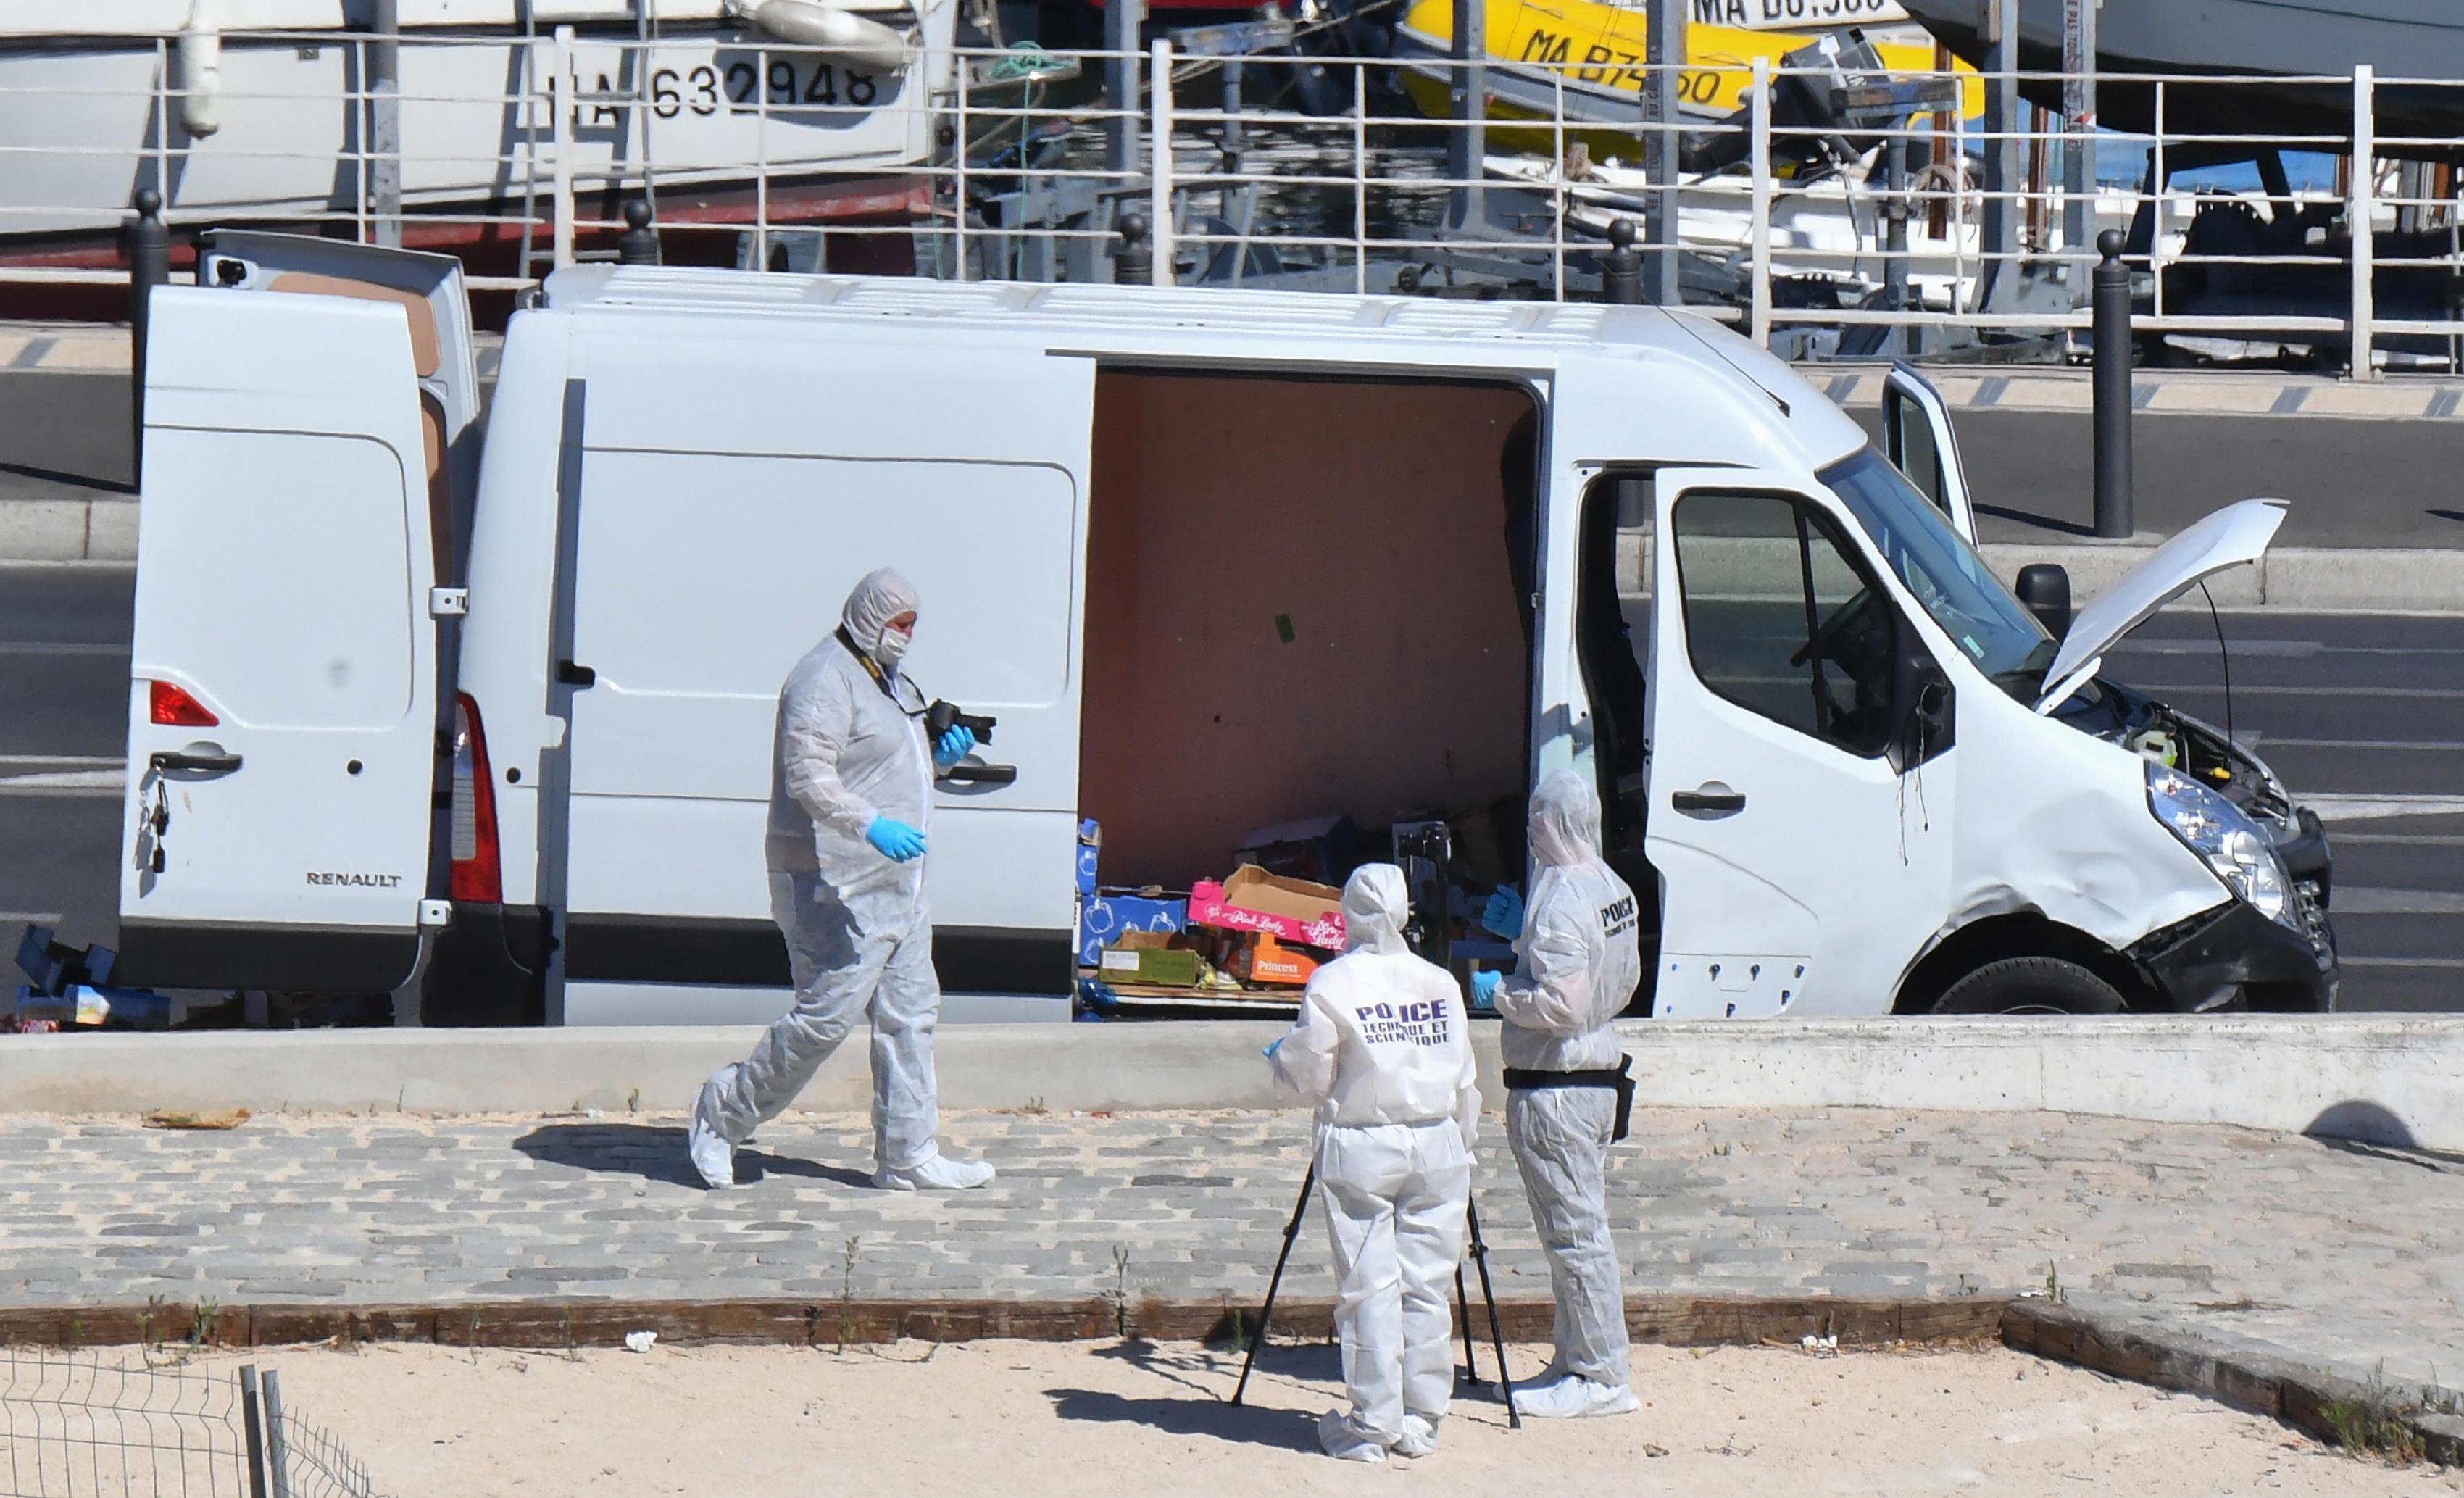 Marsiglia, van contro due fermate dell'autobus: una vittima